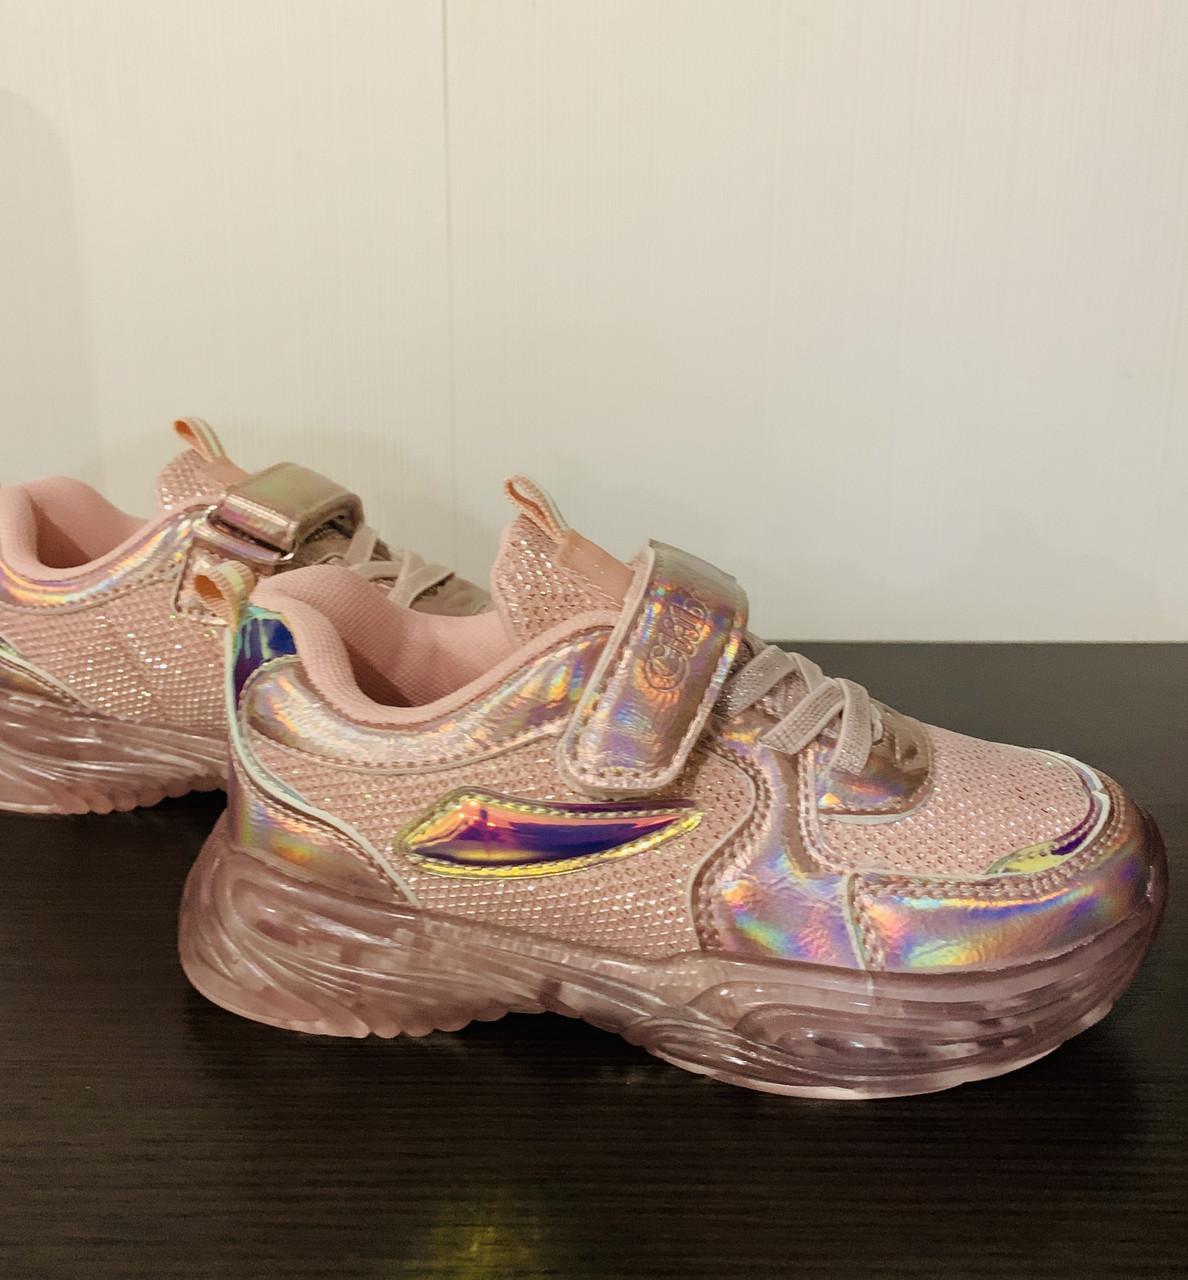 Детские кроссовки c LED-подсветкой для девочки ClibeПольша размеры 26-31